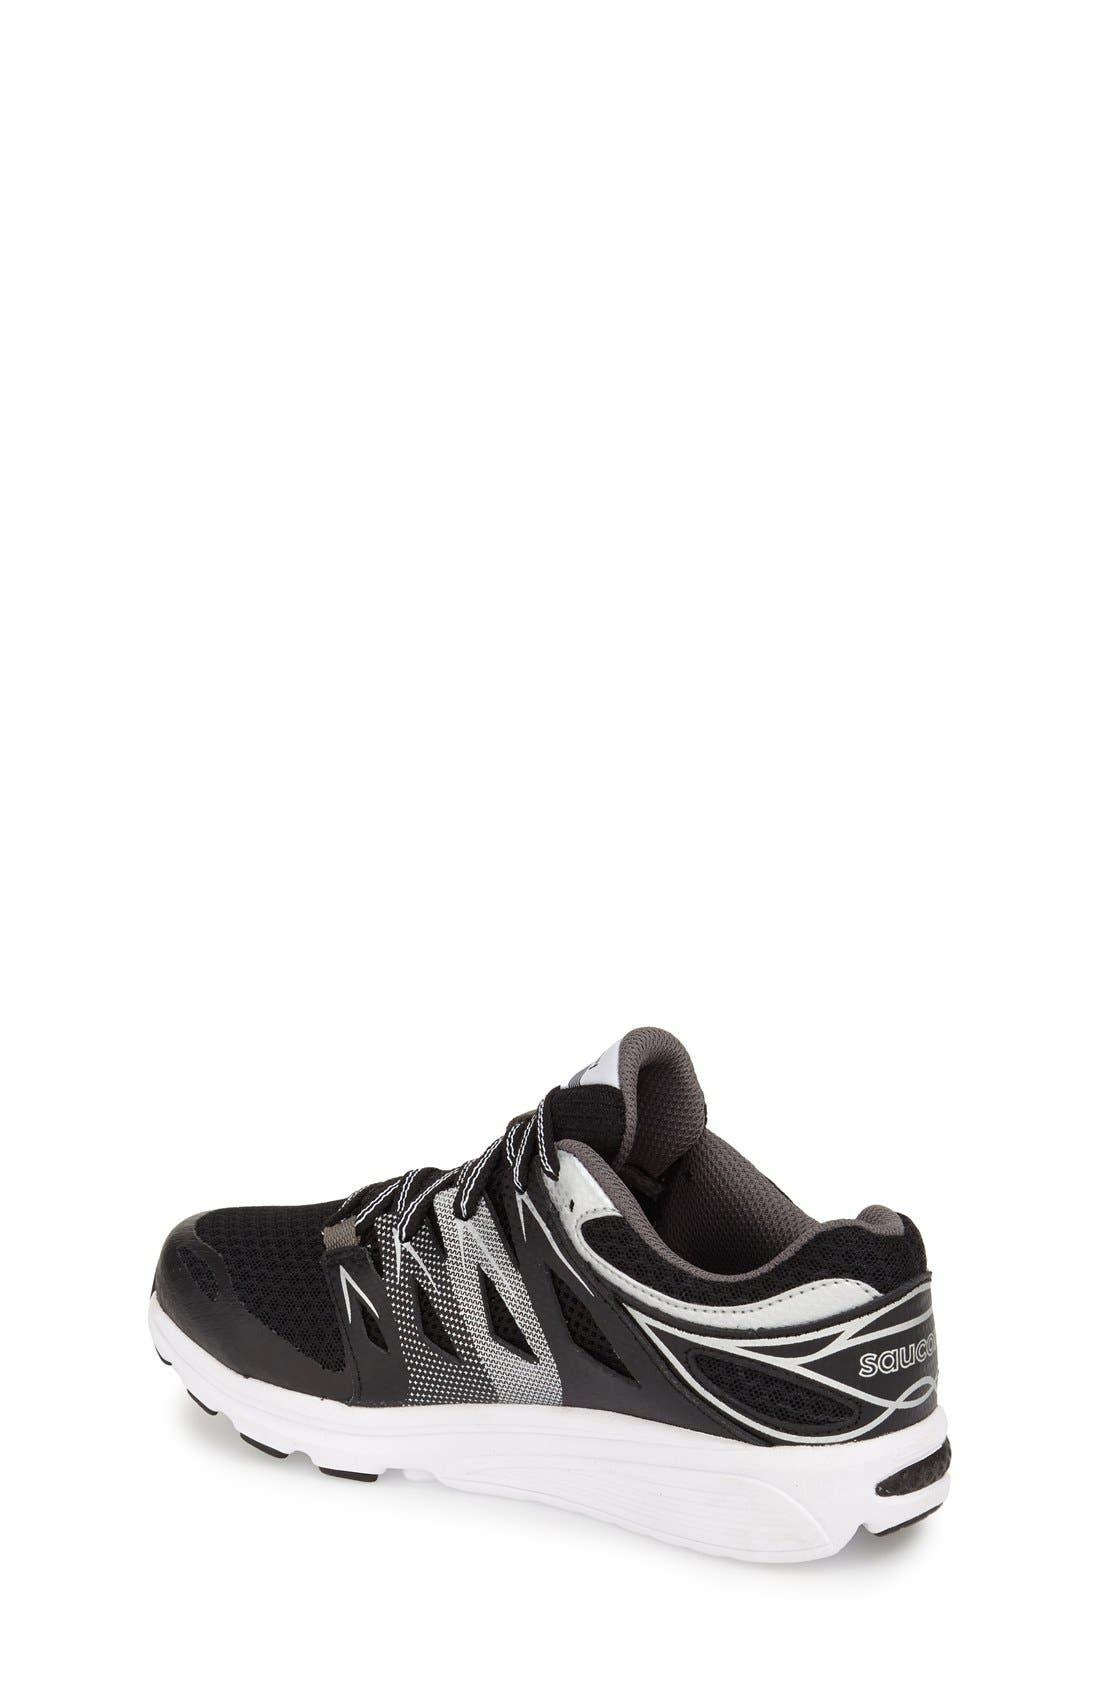 'Zealot 2' Athletic Shoe,                             Alternate thumbnail 6, color,                             001